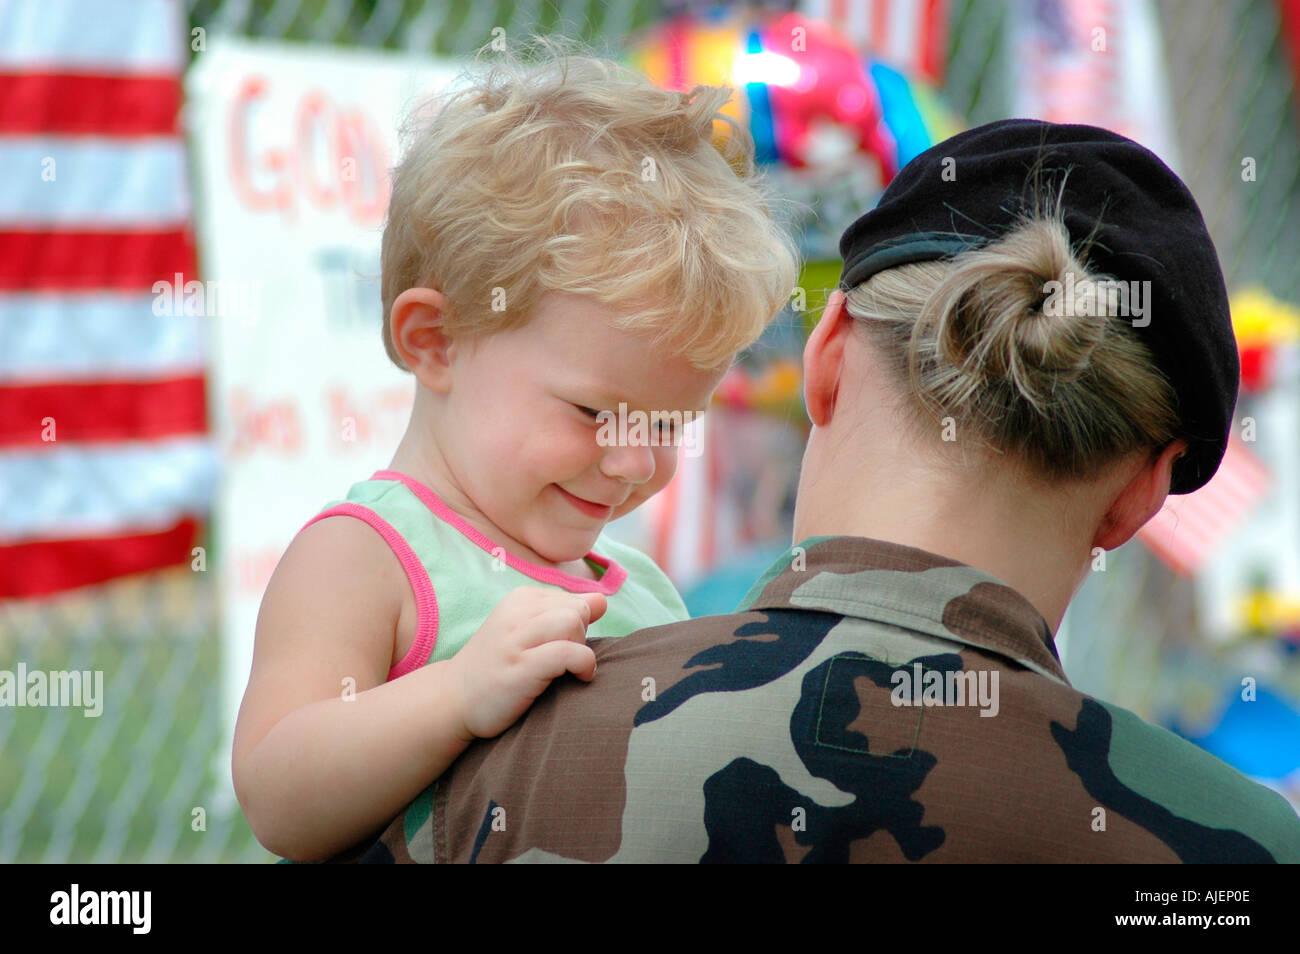 Soldato di sesso femminile presso il sito del memoriale di 14 morti di Marines in Brook Park Ohio alcuni con il bambino che sta per andare in Iraq mamma mamma mamma Foto Stock